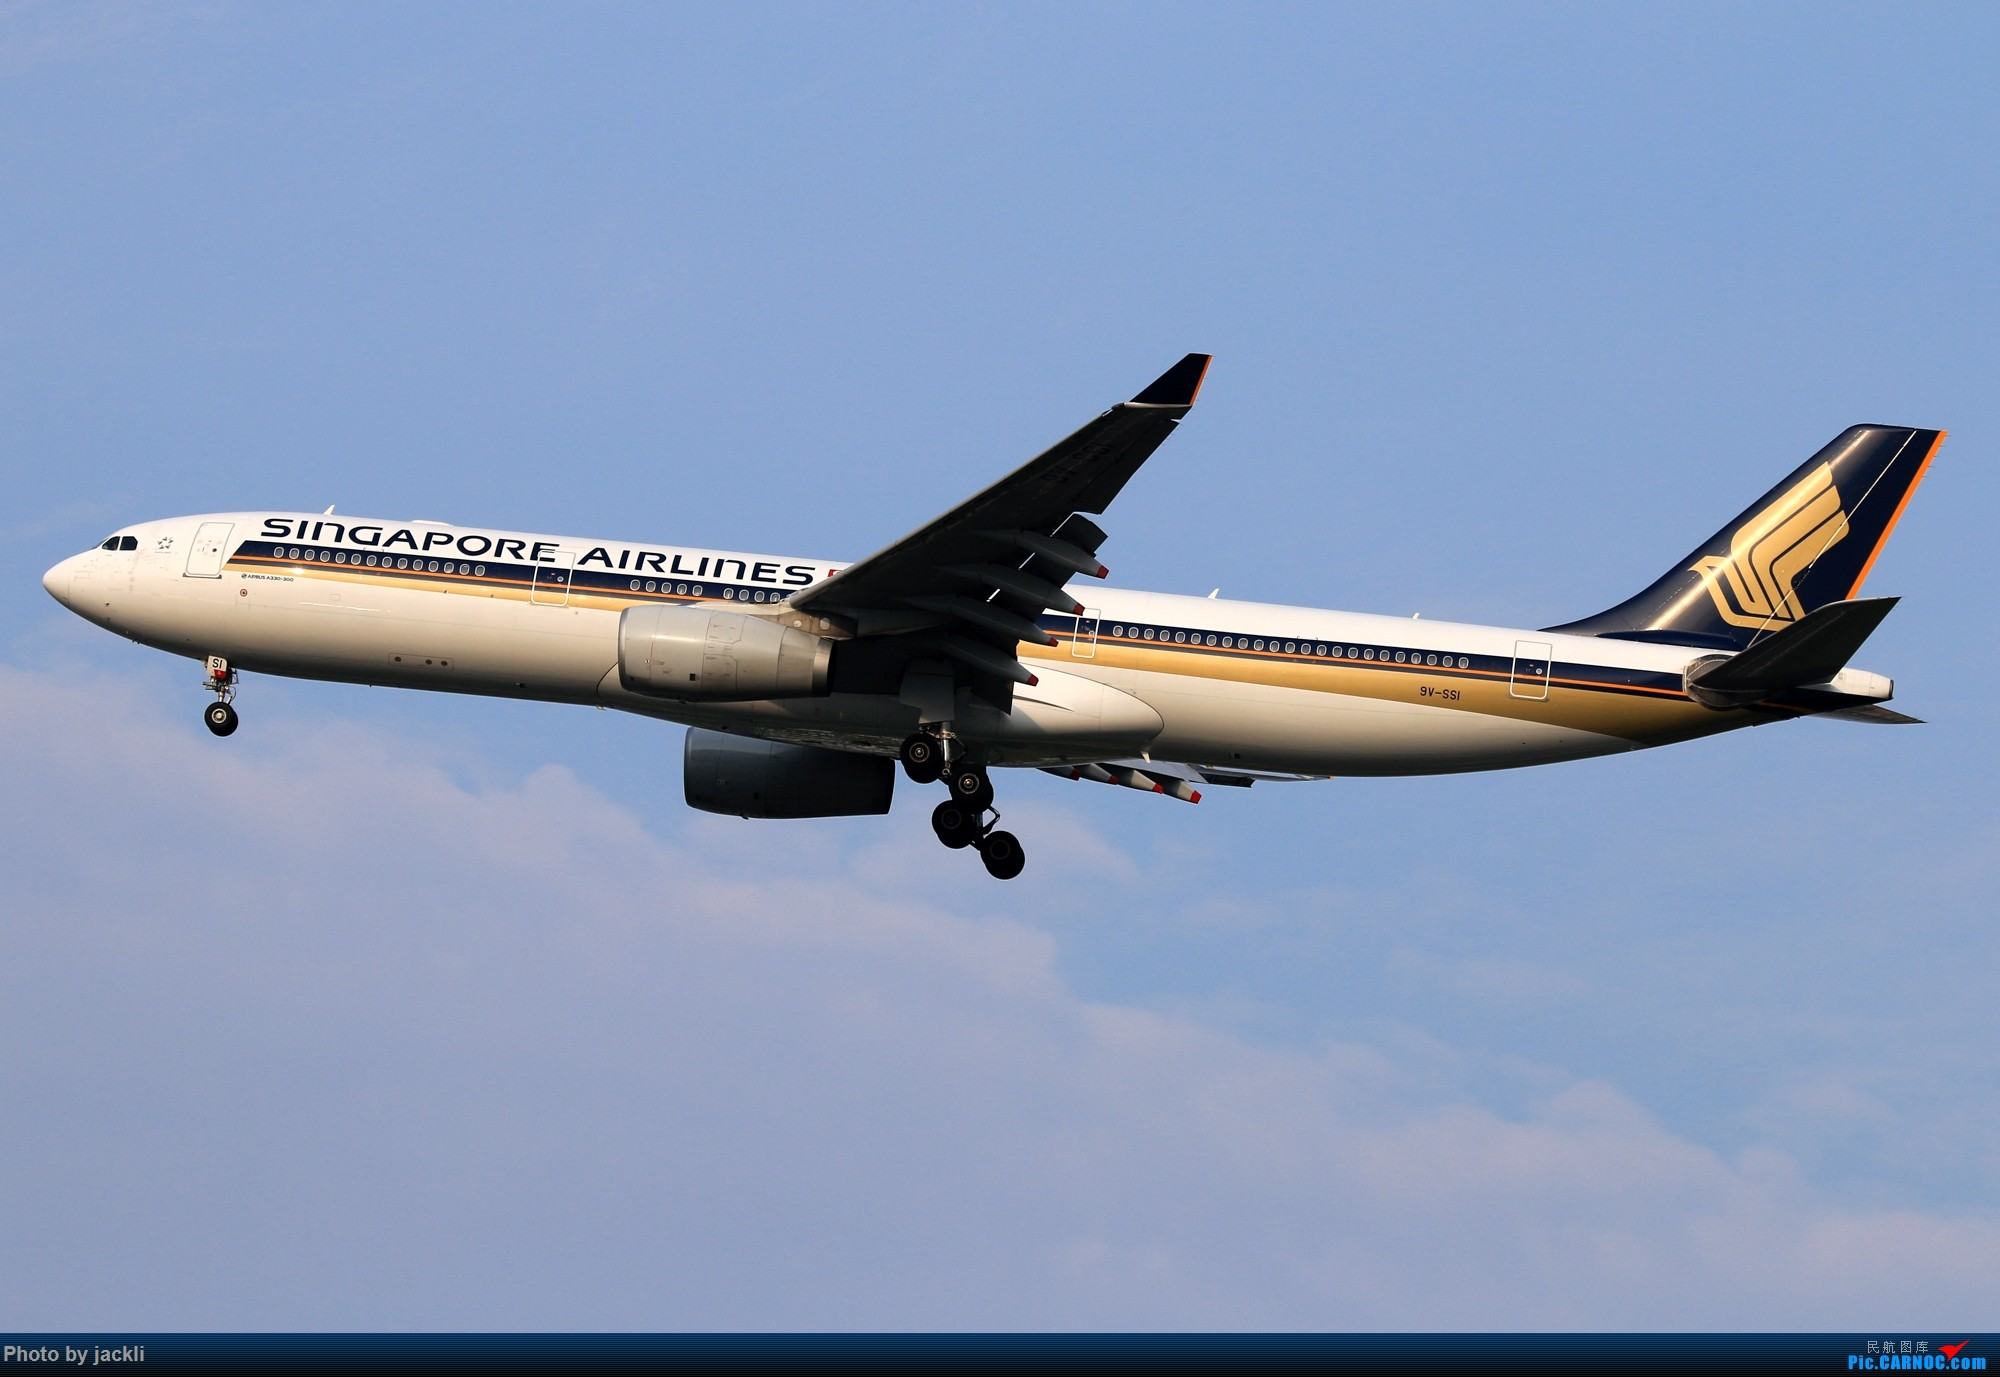 Re:[原创]【JackLi】泰国曼谷素万那普机场拍机~ AIRBUS A330-300 9V-SSI 泰国曼谷素万那普国际机场